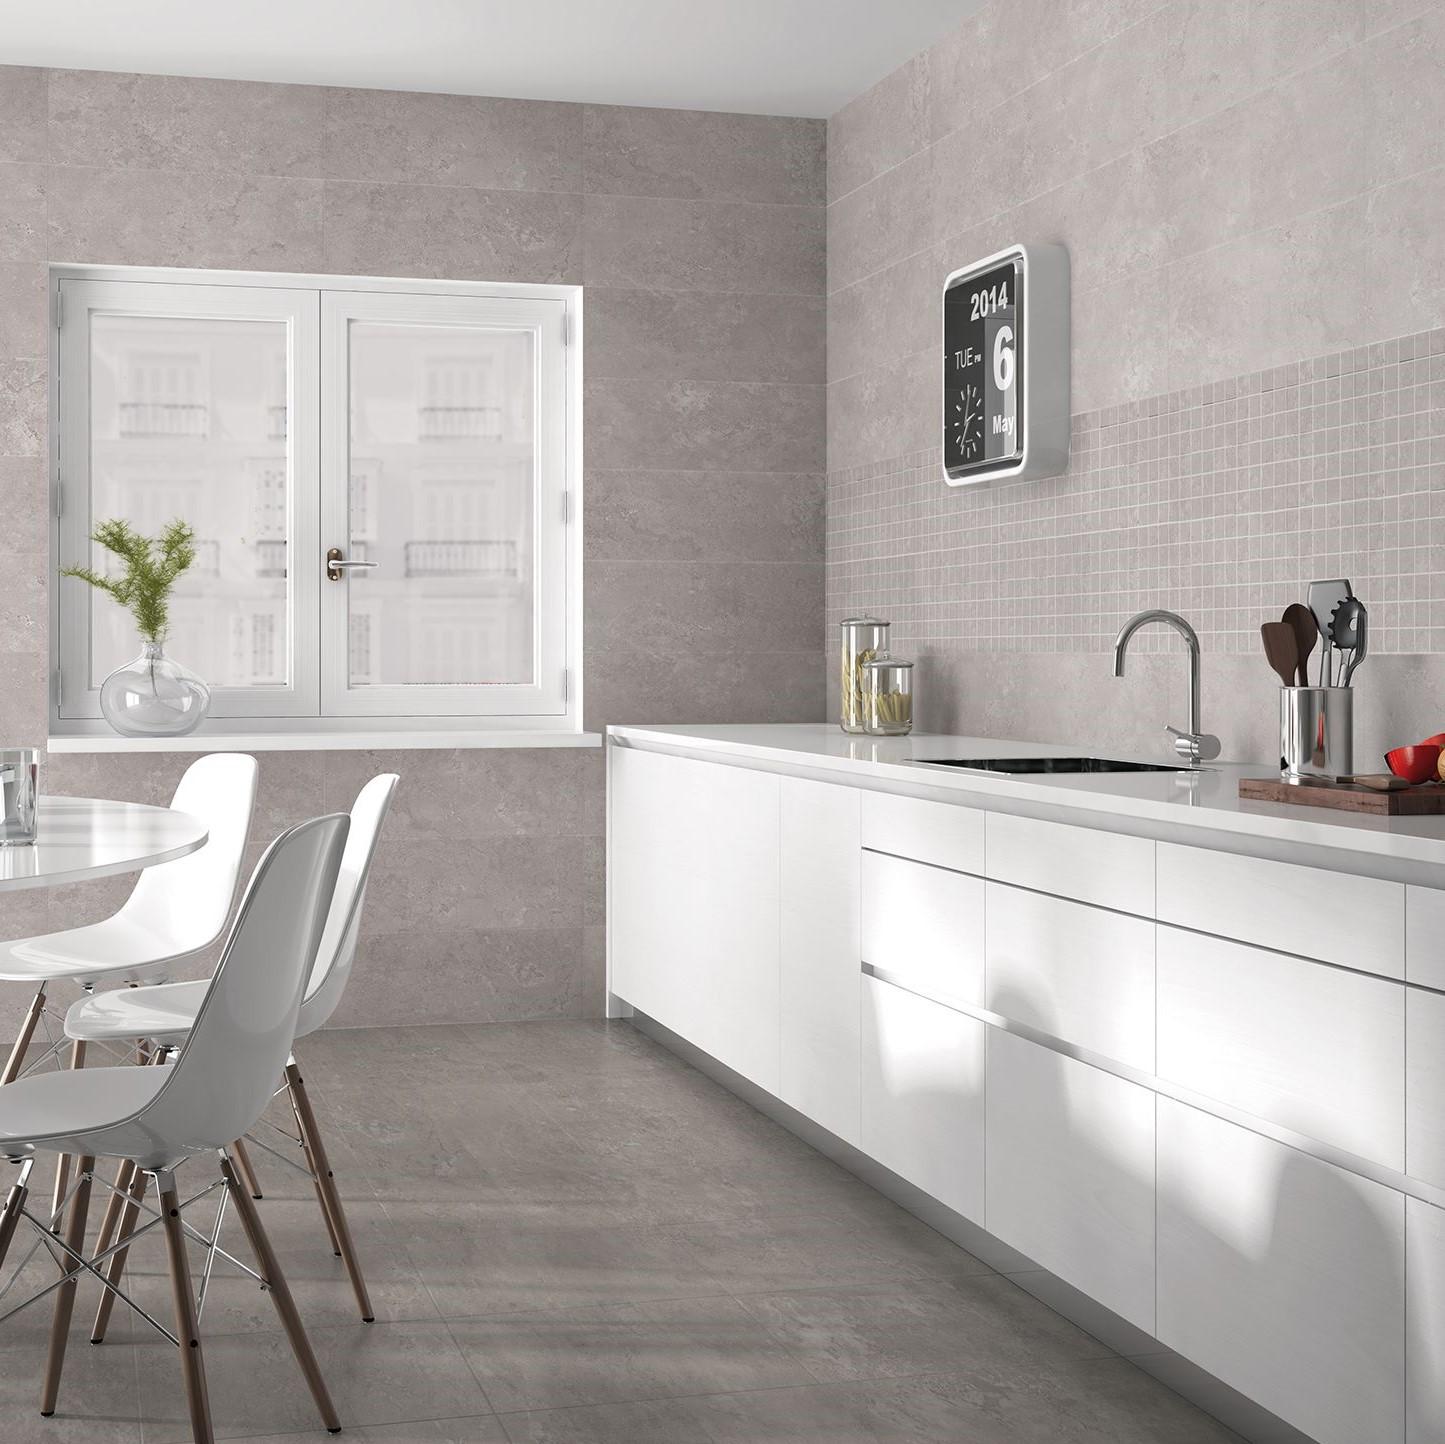 serie-provence-0 O'Connor Carroll Bathrooms & Tiles Dublin